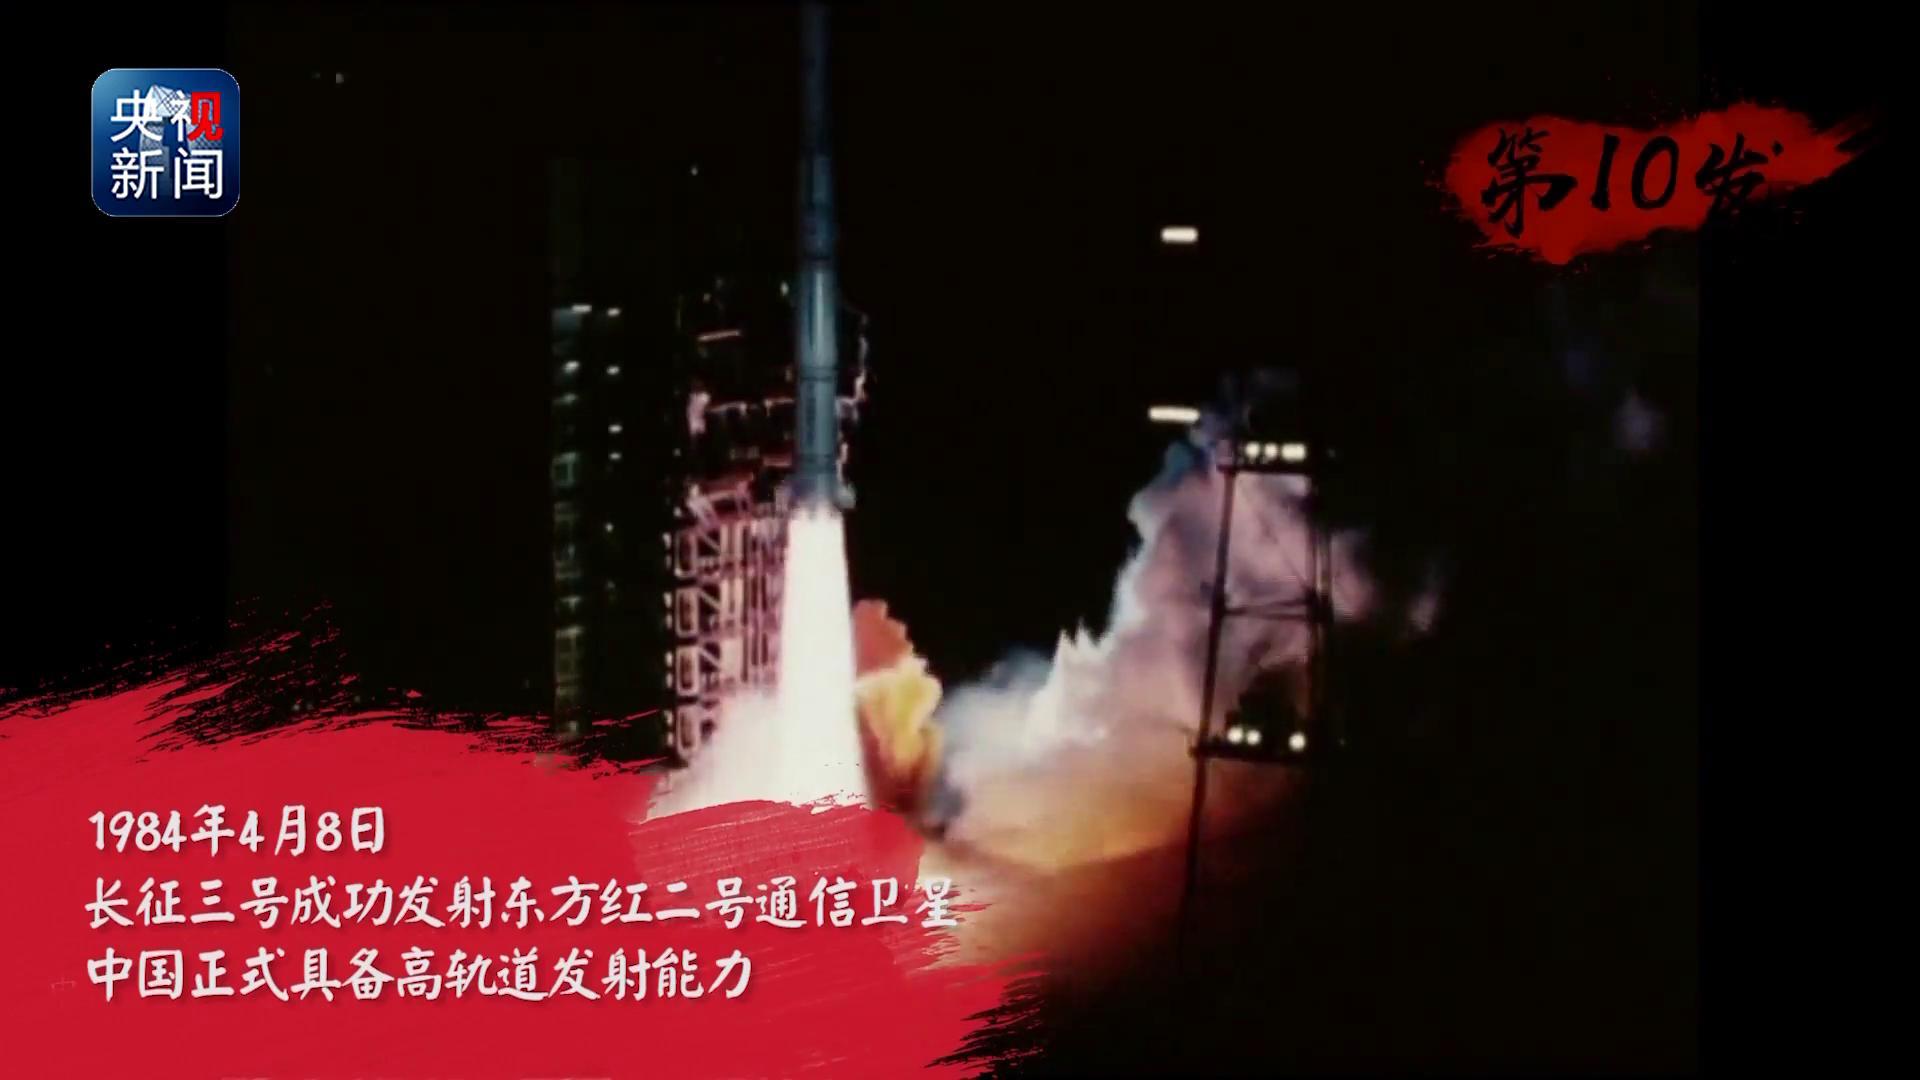 独家视频:120秒 看长征火箭辉煌历程